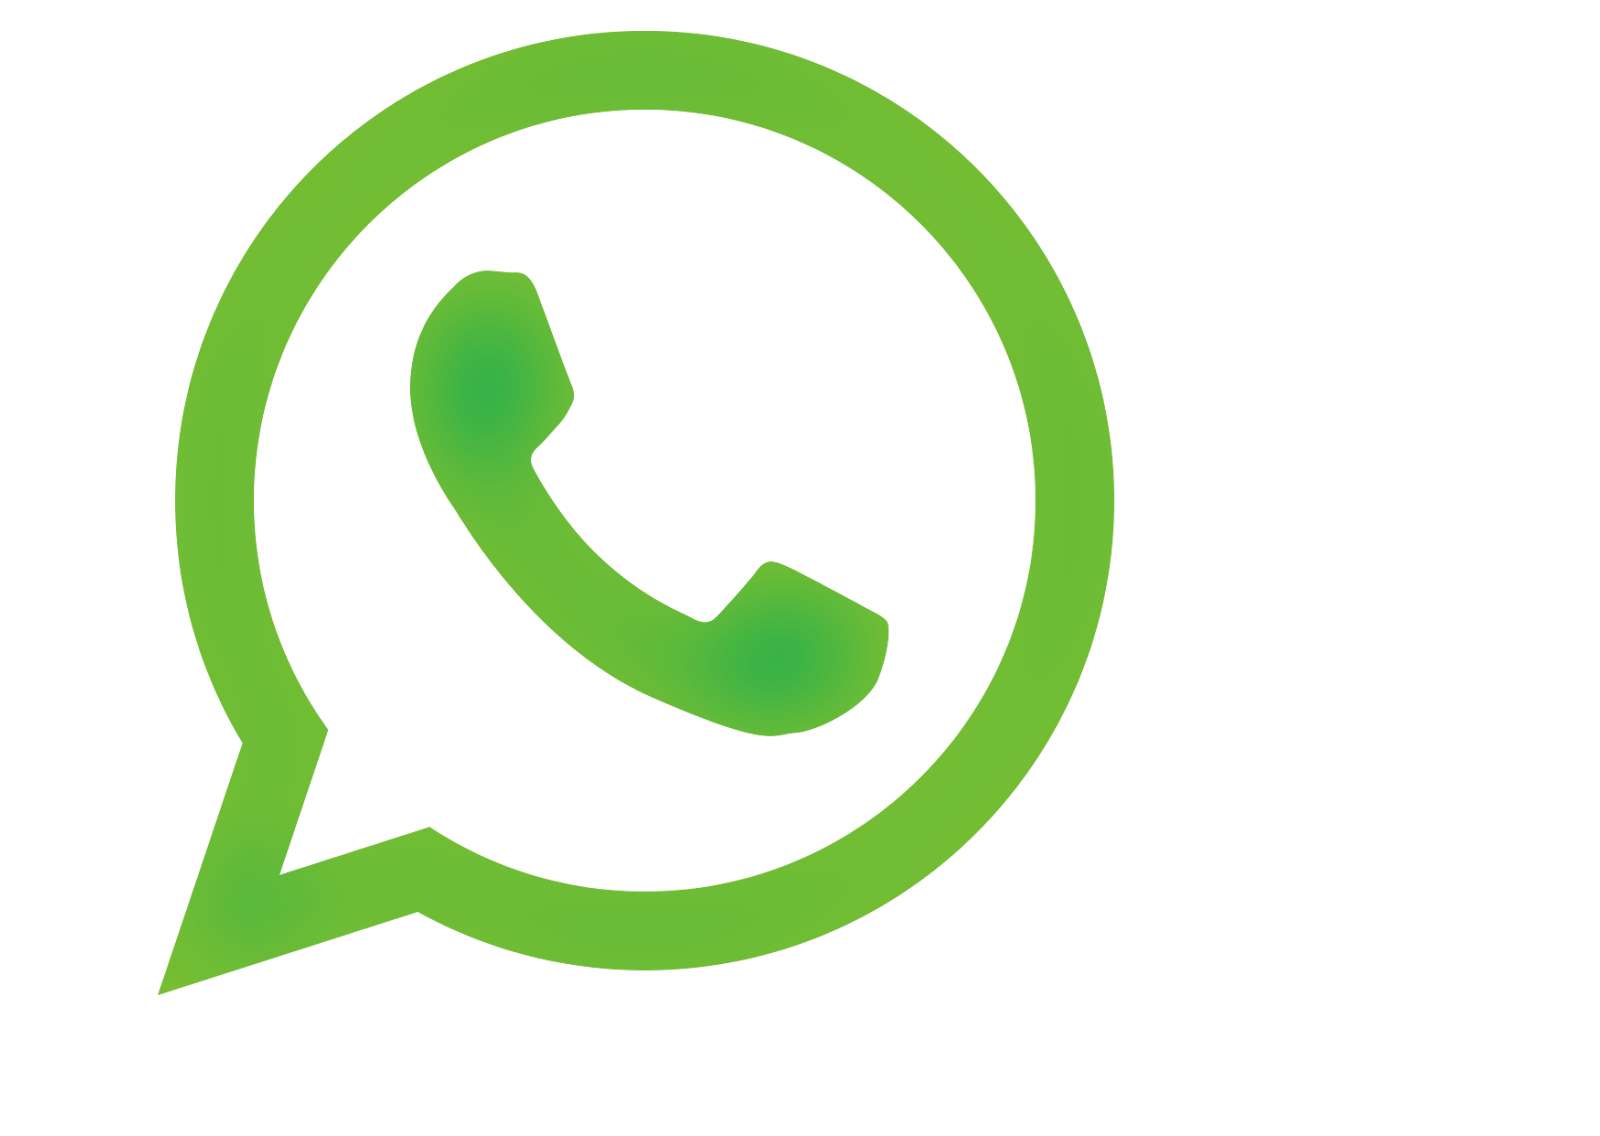 Whatsapp Logo In Png.